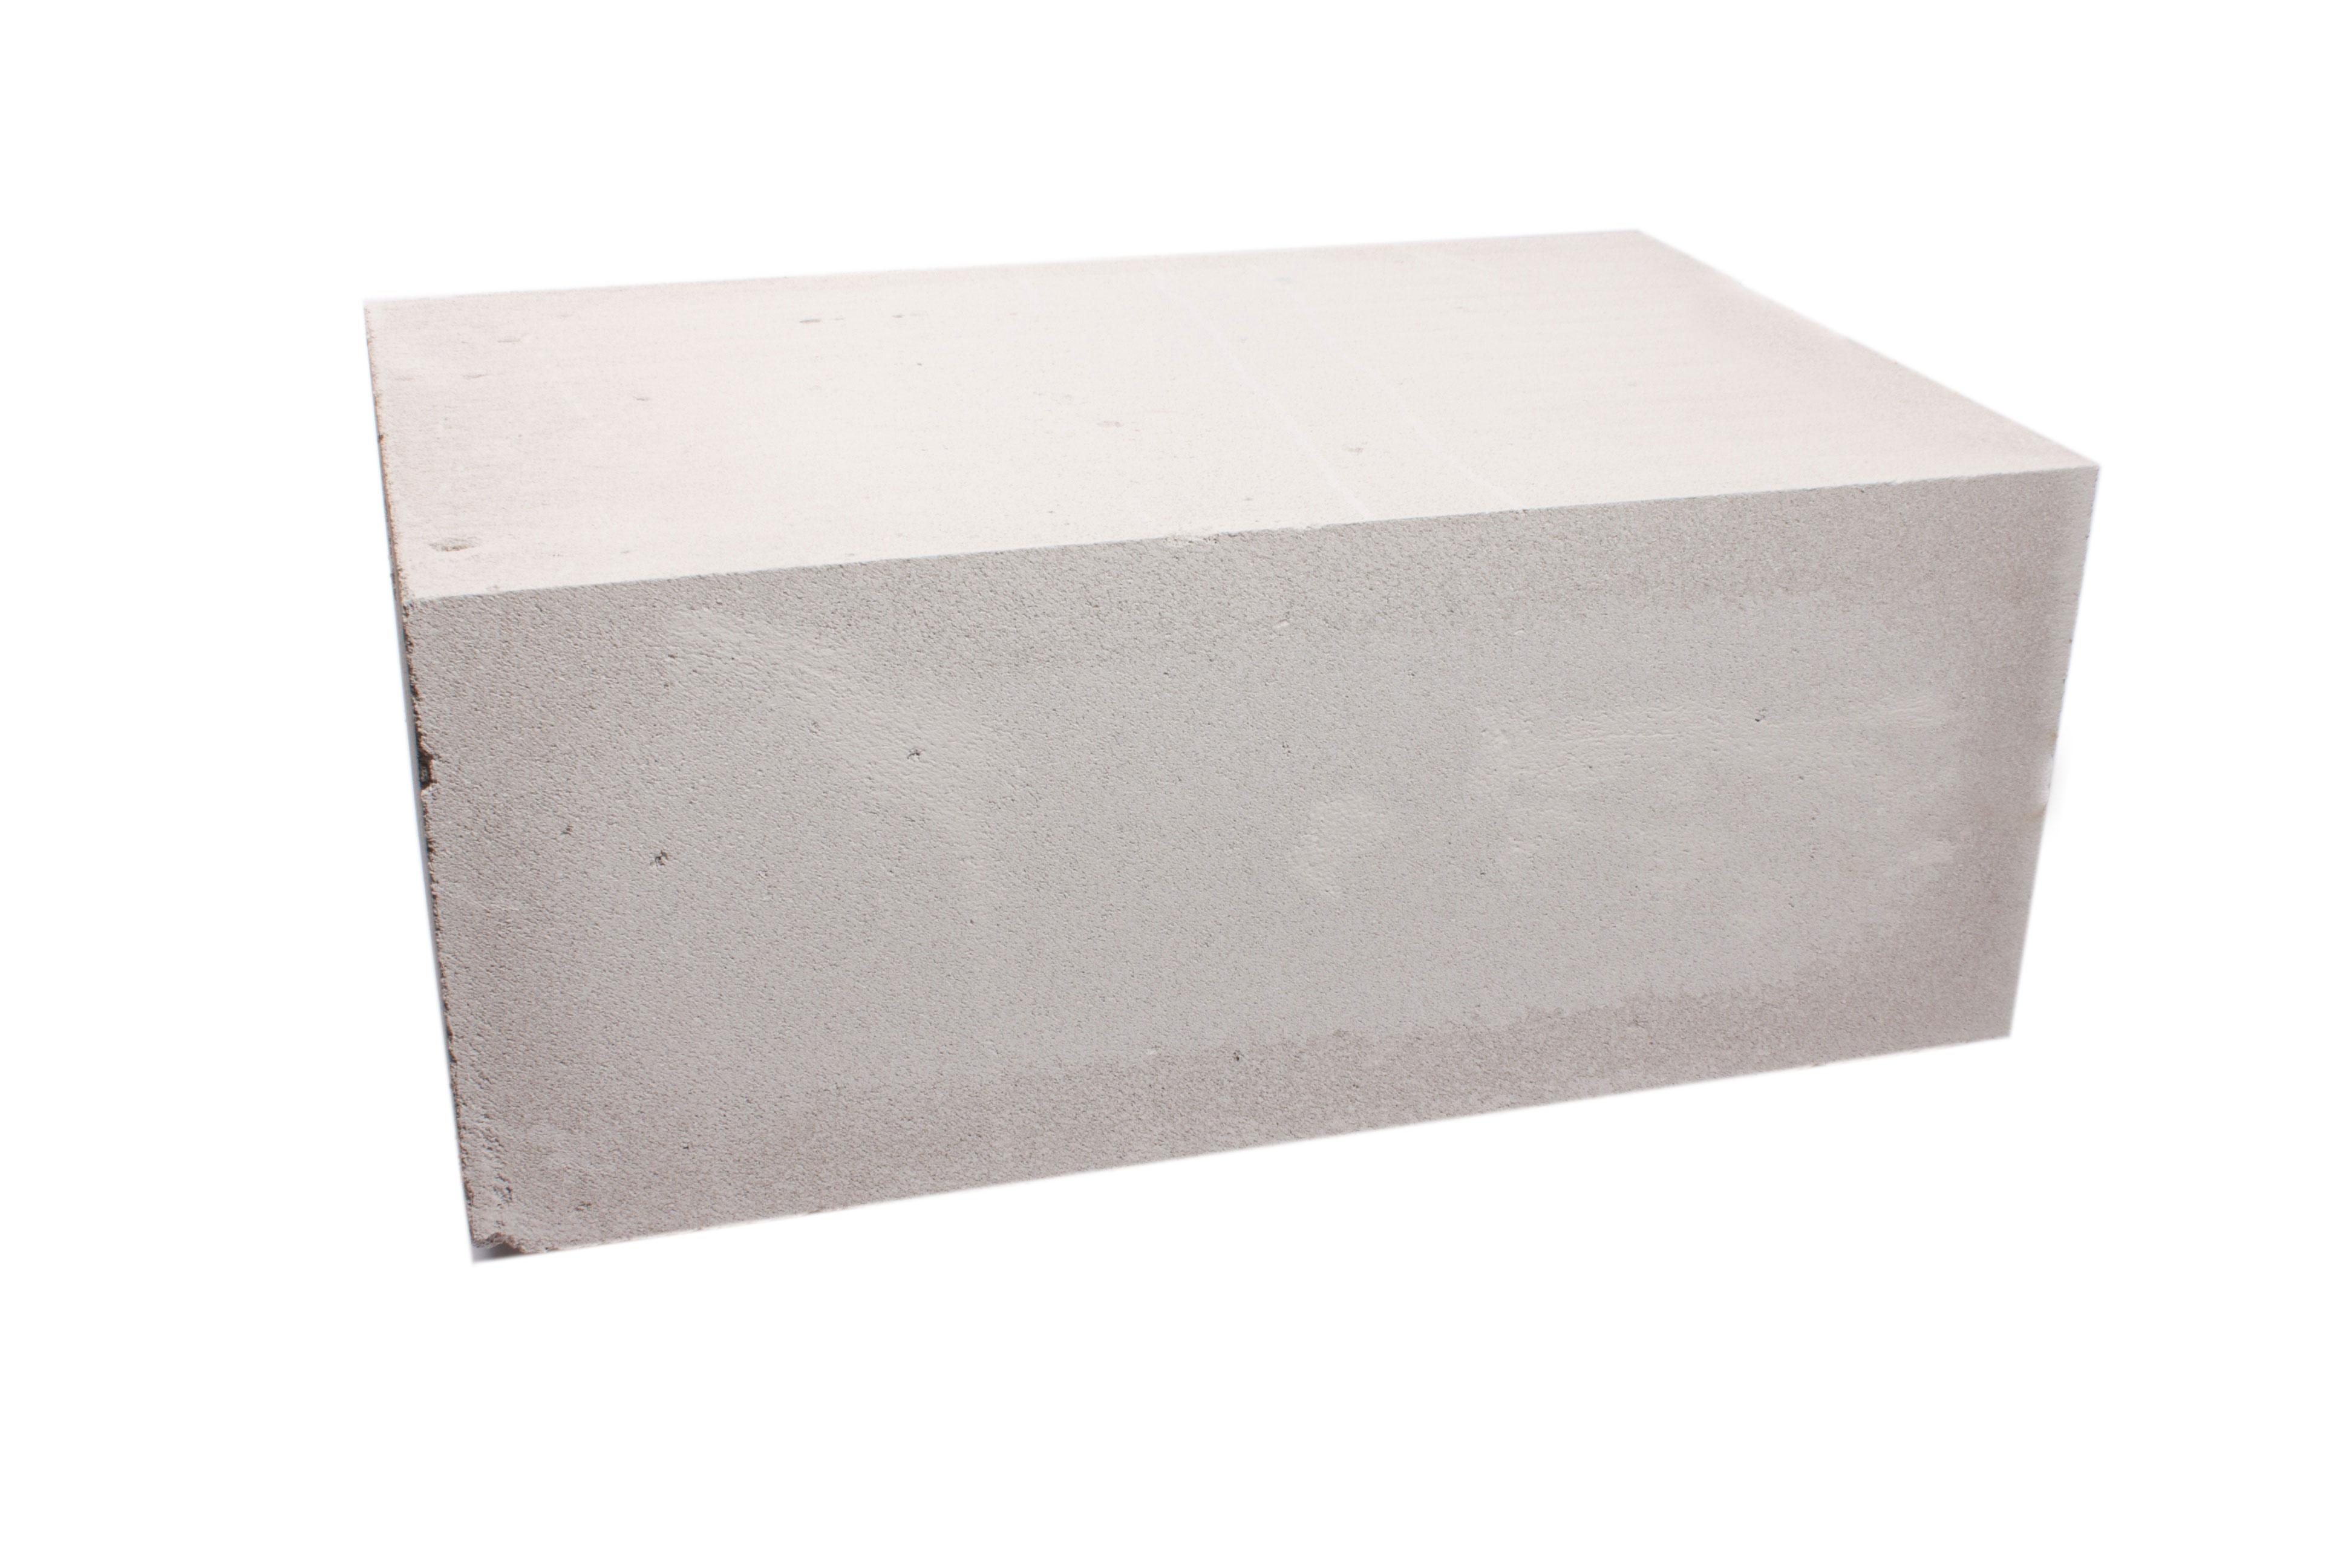 Блок из ячеистого бетона автоклавного твердения производства ОАО ЕЗСМ